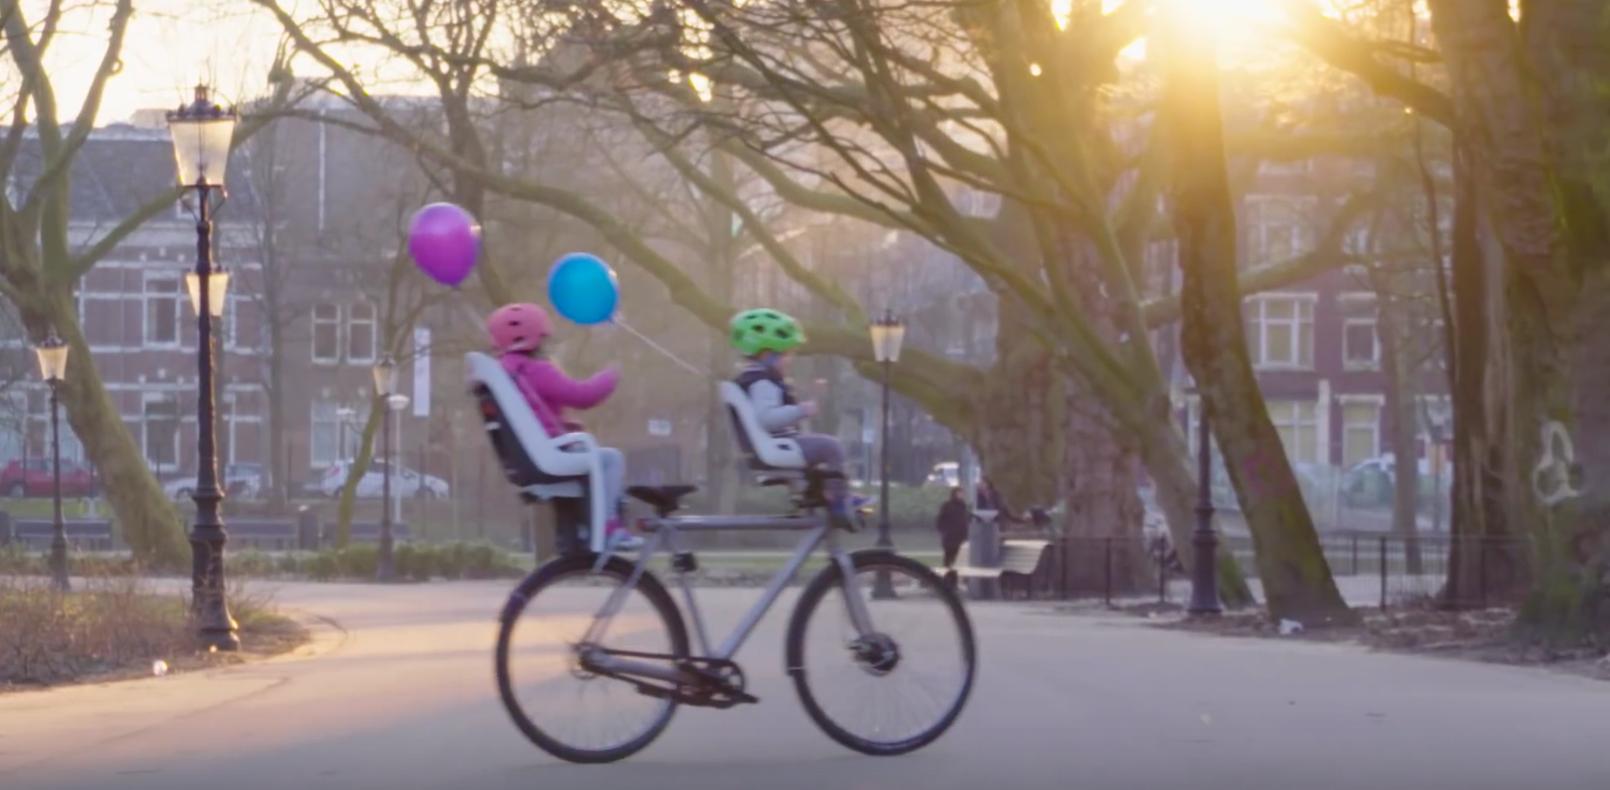 self driving bicycle april fools